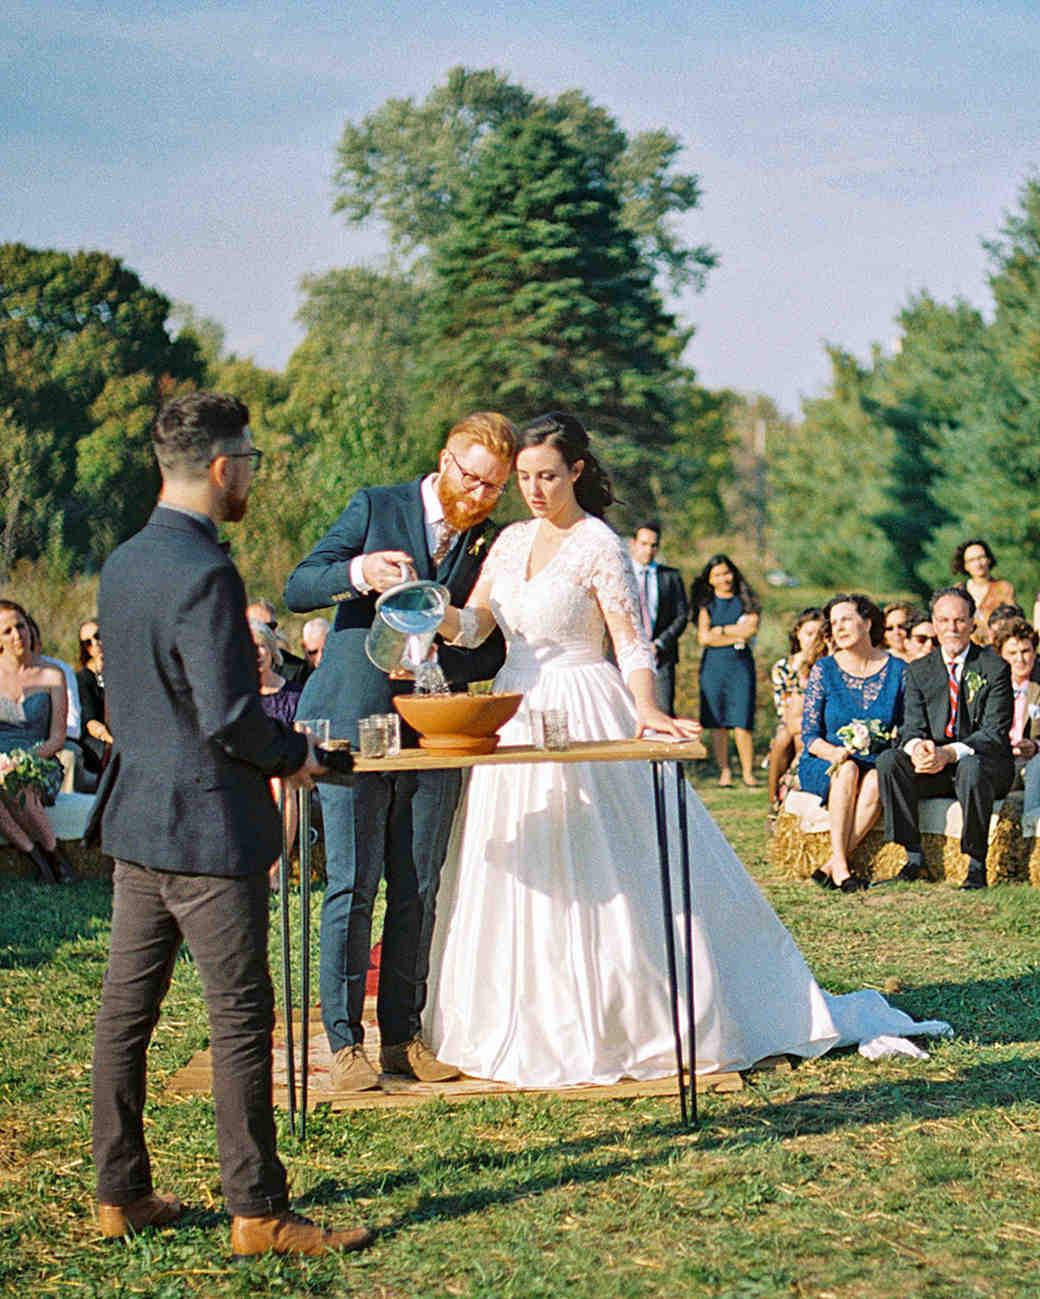 rachel elijah wedding ceremony watering